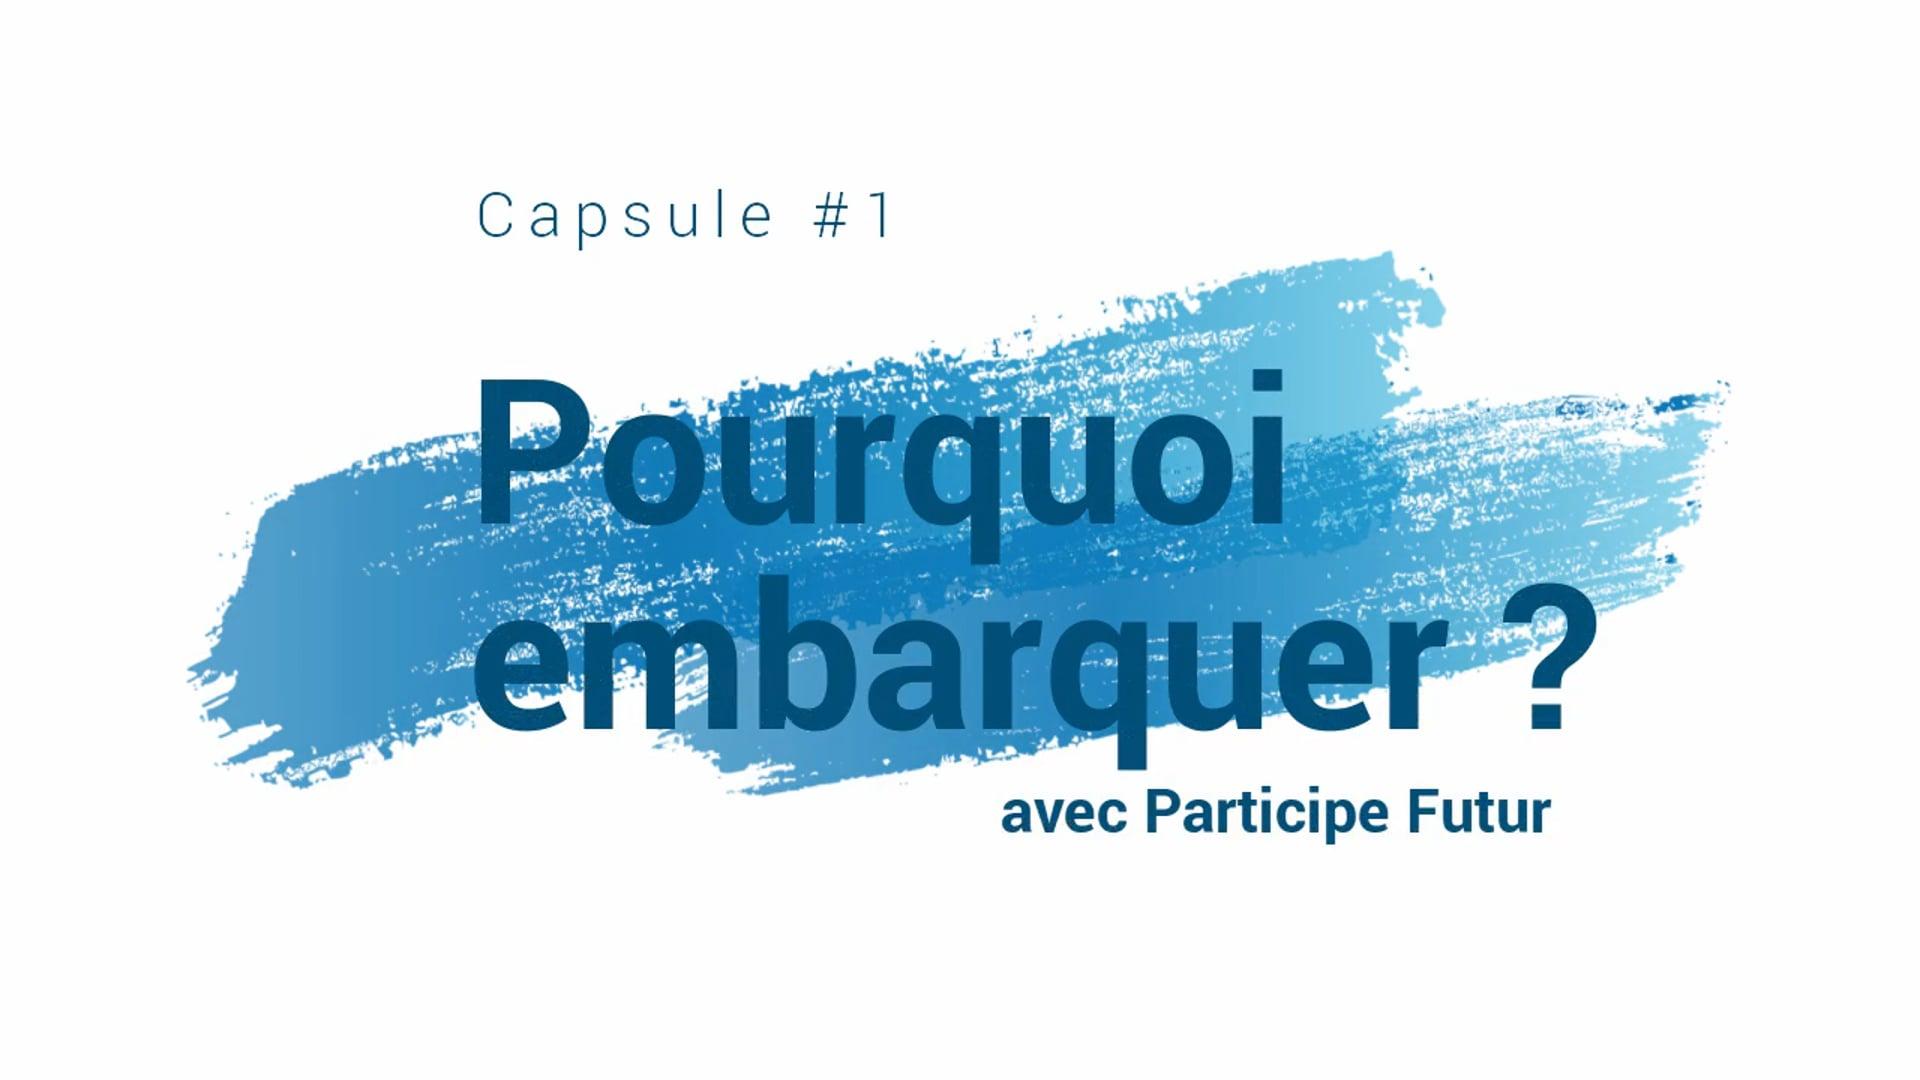 Capsule 1 - Pourquoi embarquer avec Participe Futur ?